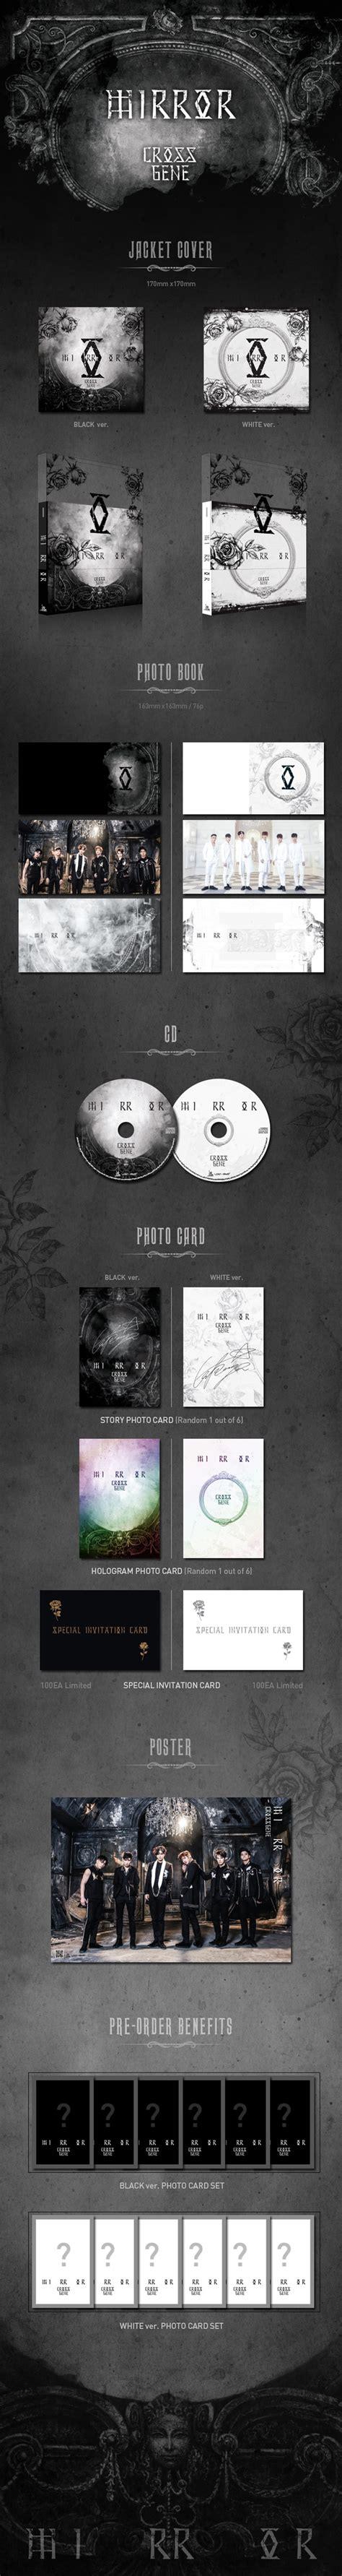 Pre Order Pentagon 4th Mini Album Demo01 크로스진 cross gene mirror 4th mini album white ver unfolded poster choice la